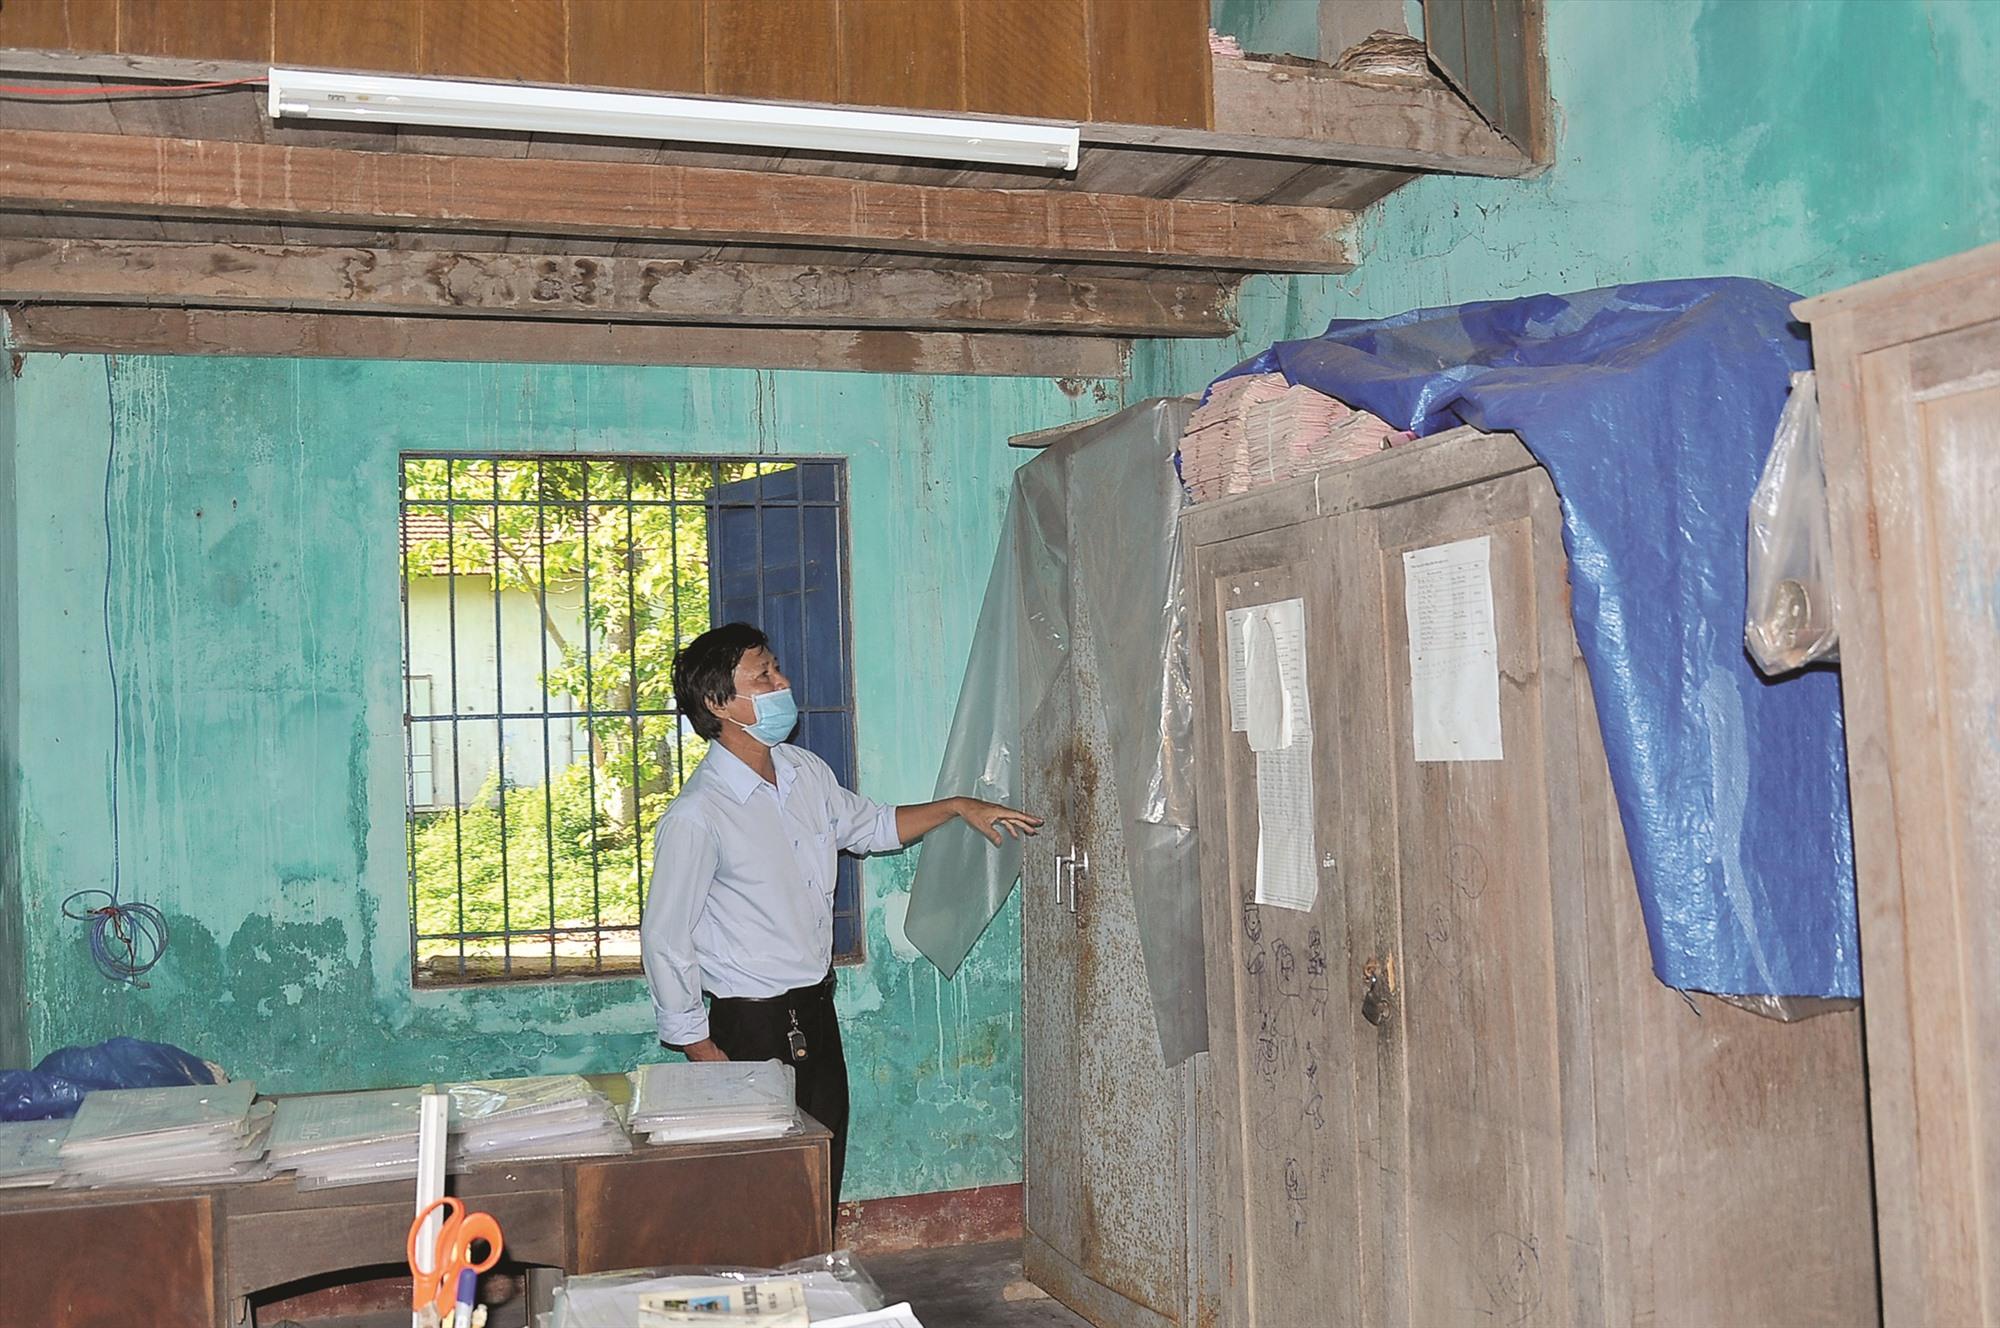 Trụ sở làm việc hư hỏng nặng nhưng nhiều năm nay HTX Nông nghiệp Duy Phước (Duy Xuyên) không thể tiến hành sửa chữa vì vướng quy hoạch. Ảnh: S.A